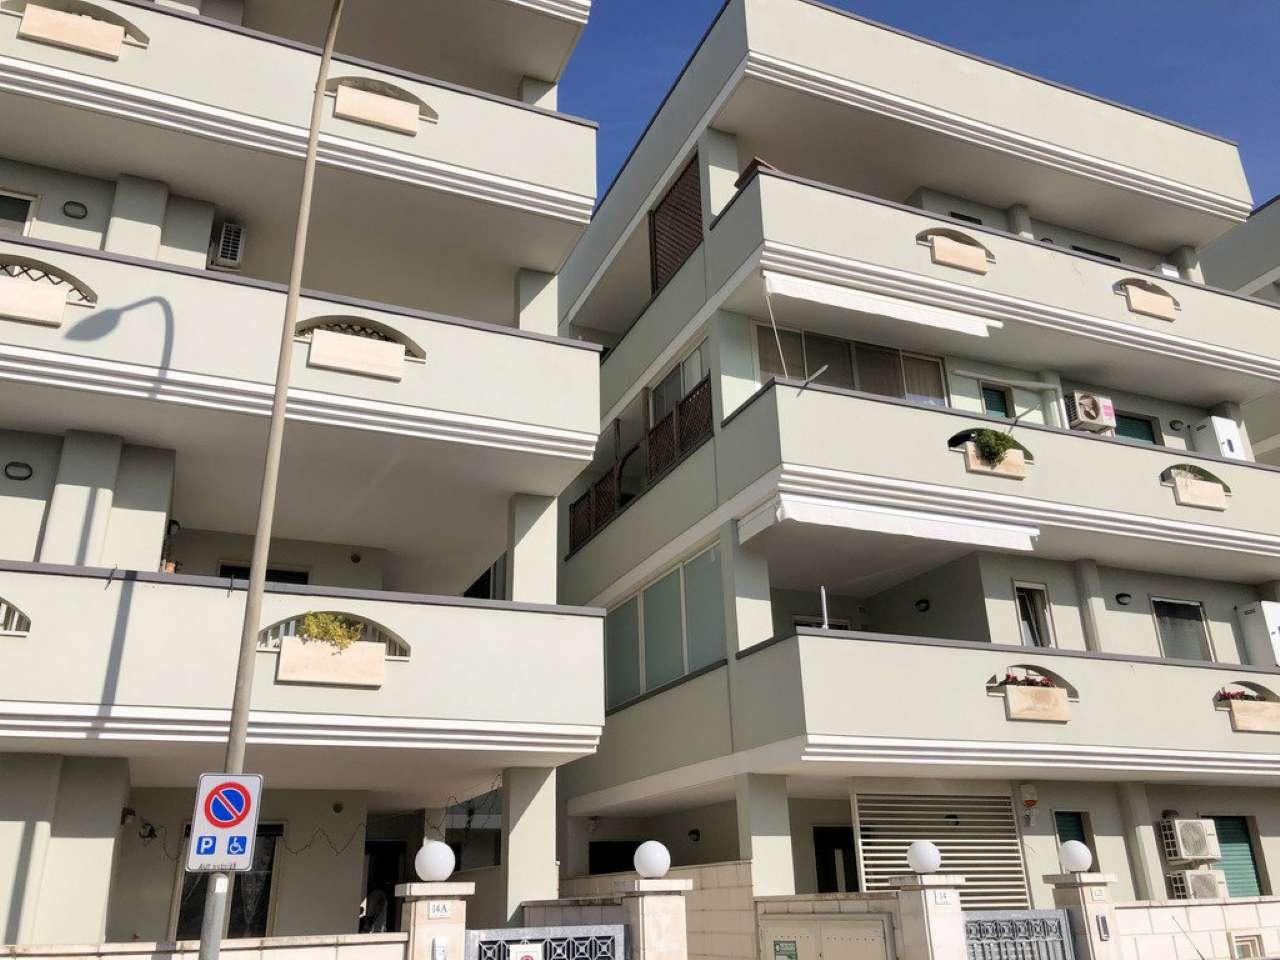 Appartamento in vendita a Surbo, 2 locali, prezzo € 85.000 | PortaleAgenzieImmobiliari.it